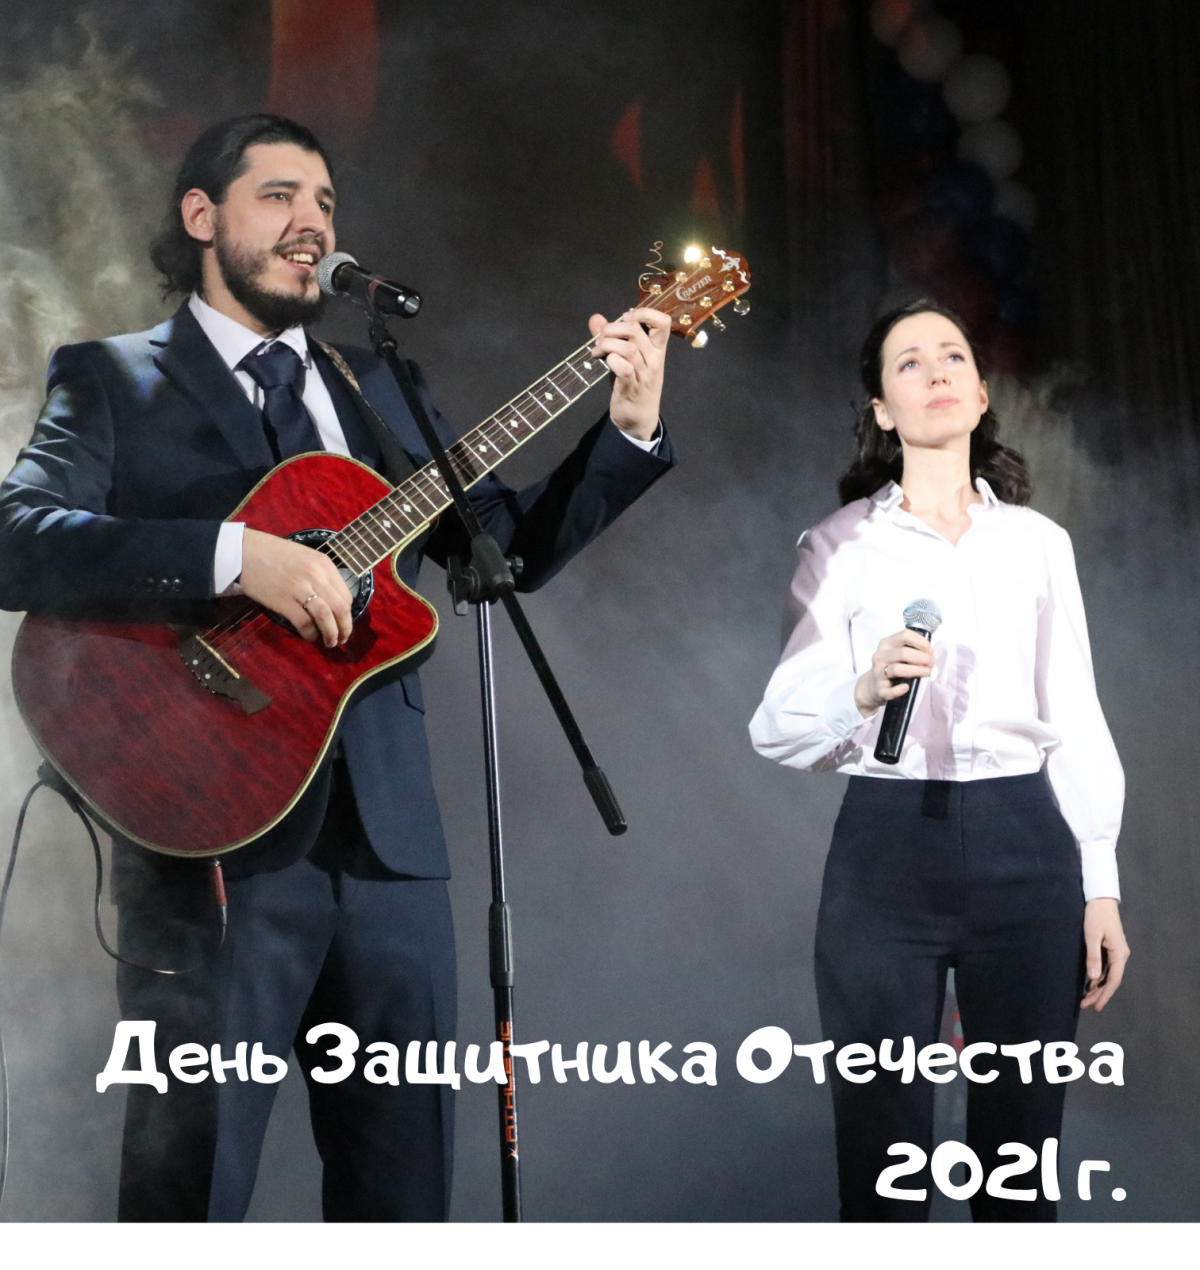 Фестиваль эстрадной песни _Музыка, Виват!_ 2021 год (7)